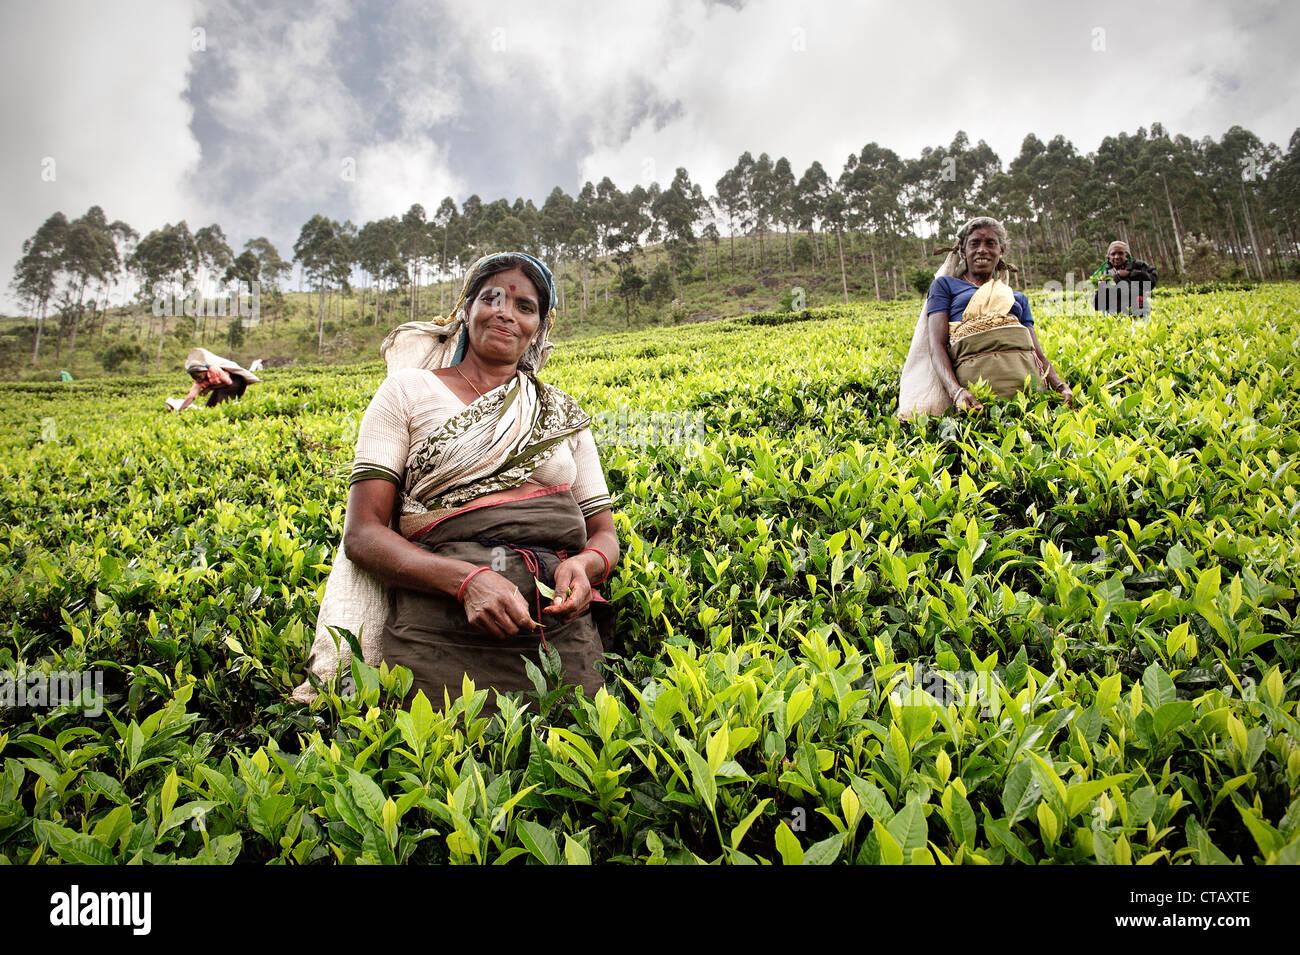 Les cueilleurs de thé tamouls cueillir les feuilles de thé à la plantation, la production de thé, Photo Stock